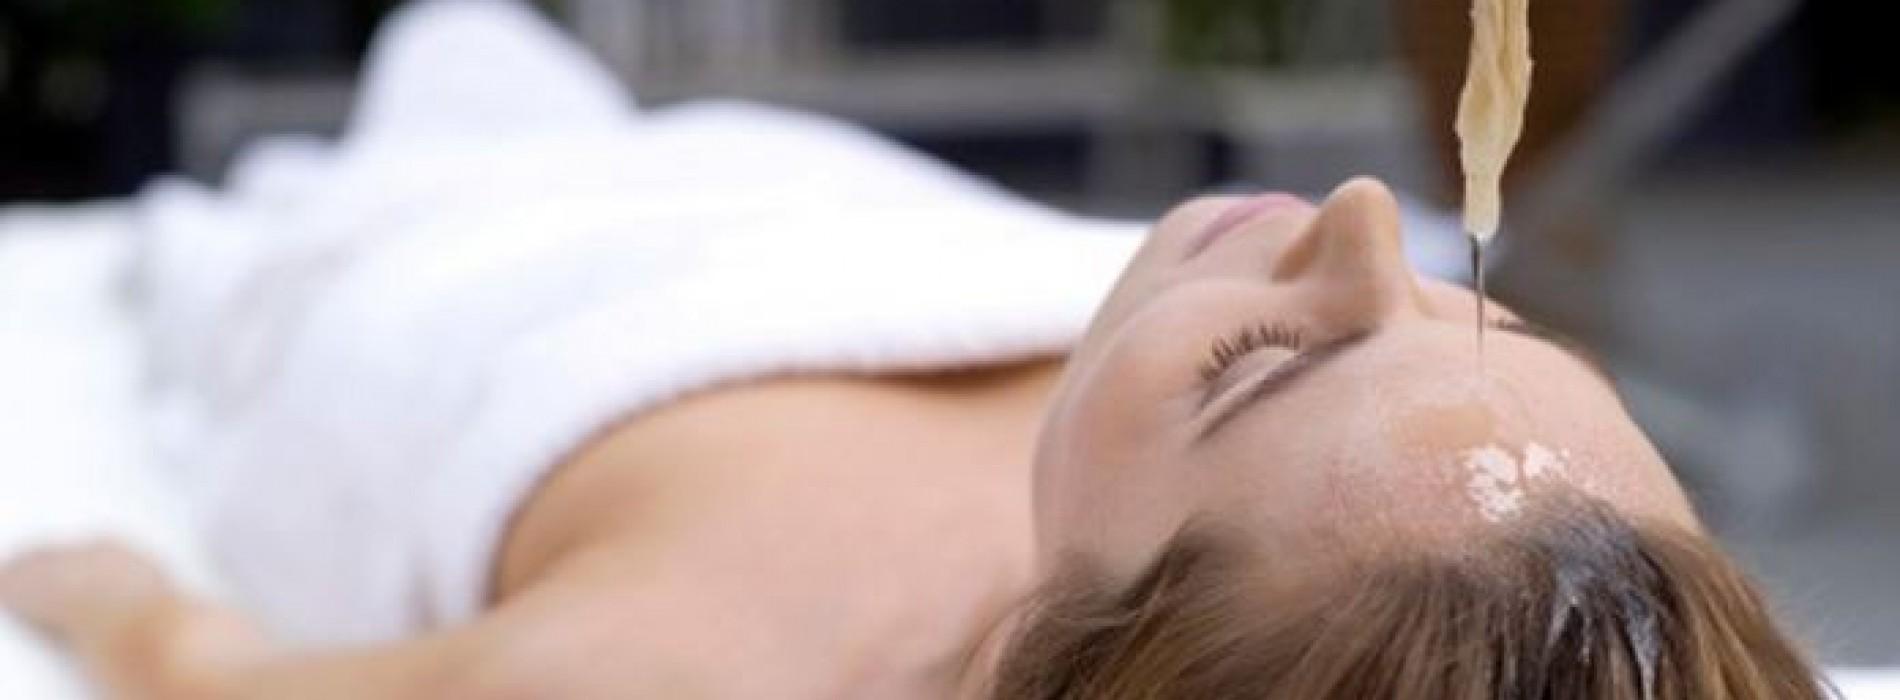 Natural ways to stop hair loss called Ayurvedic treatment